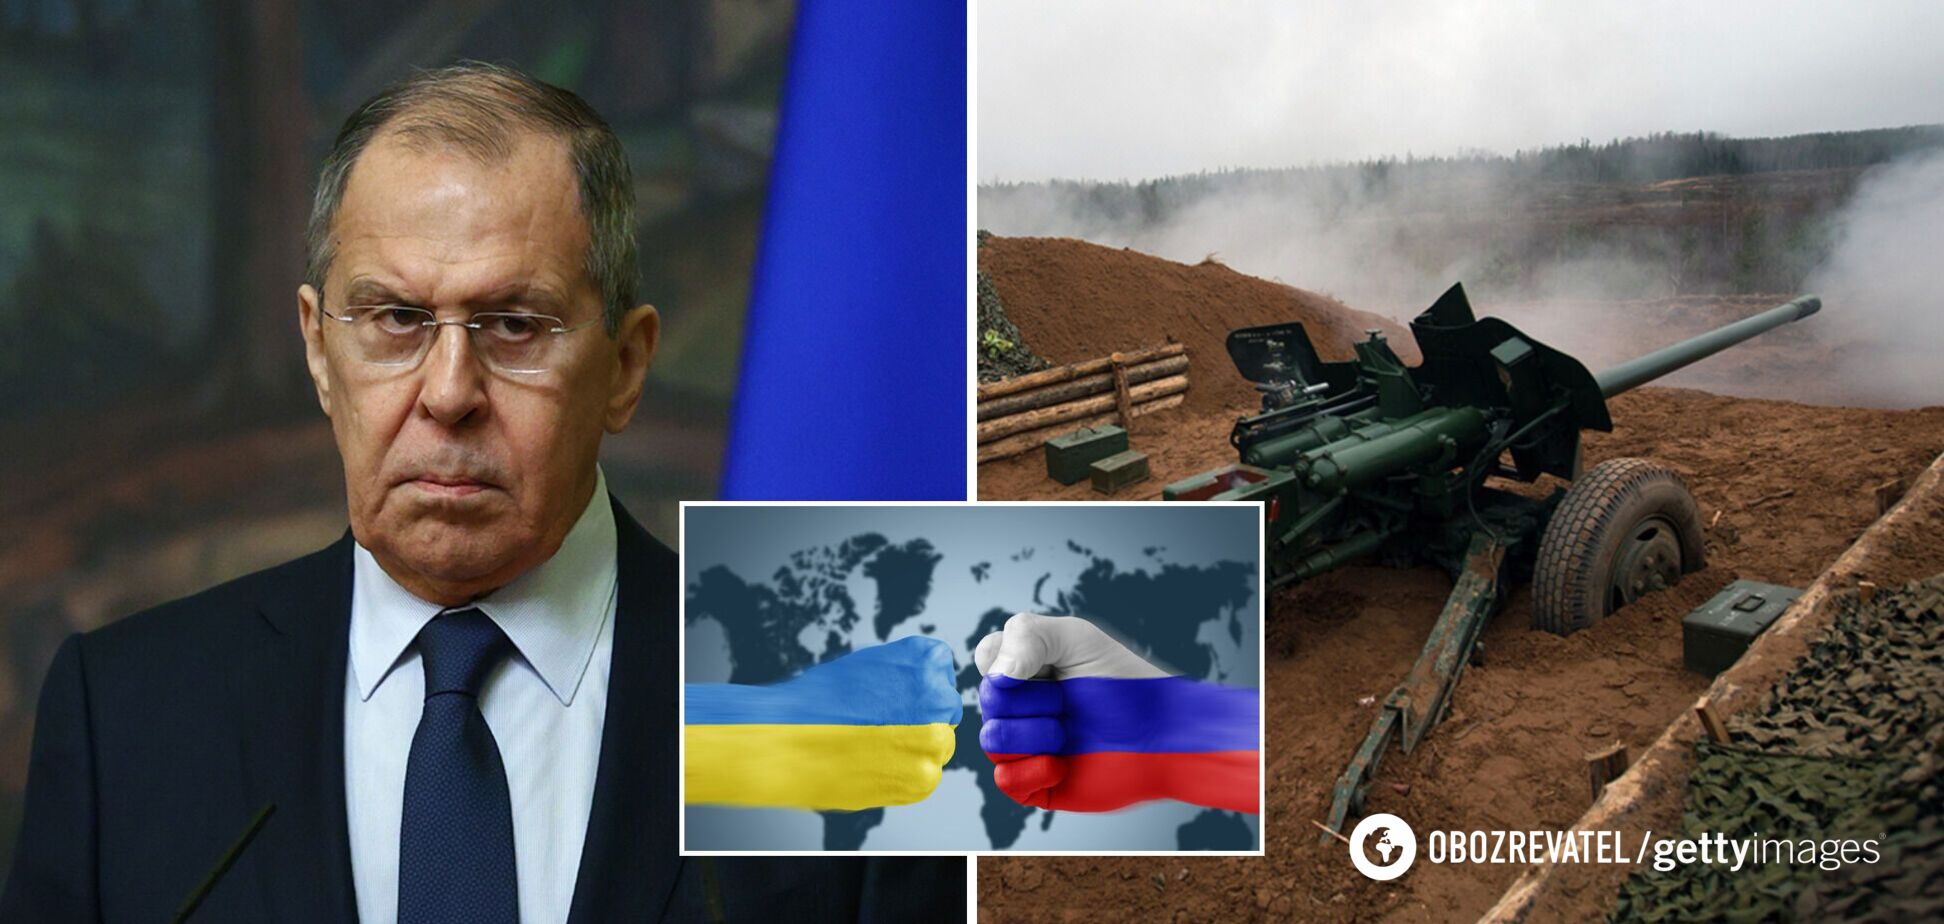 У Путина заявили, что войны России с Украиной 'можно избежать'